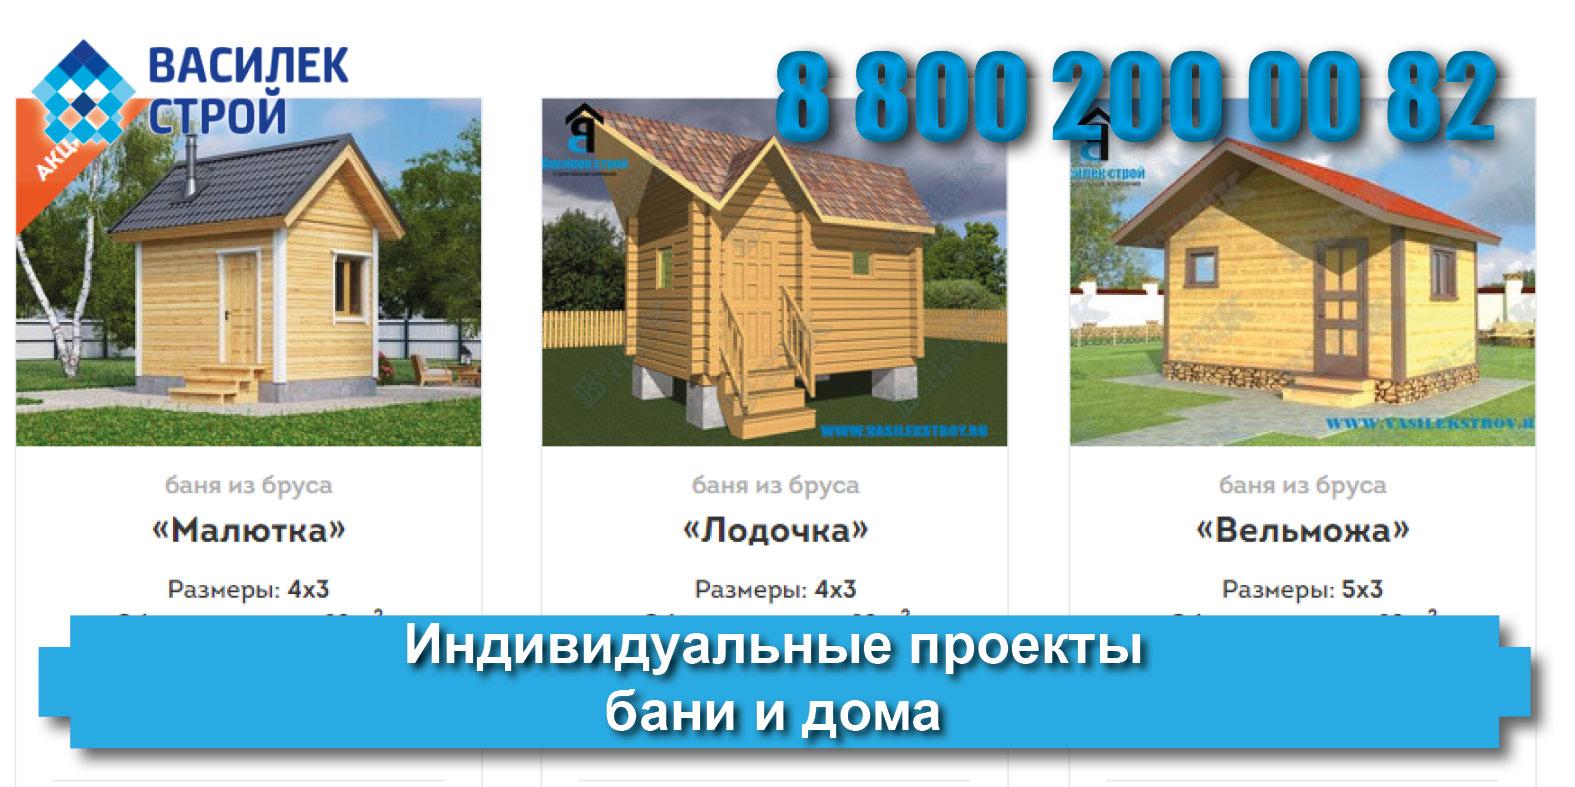 Строим брусовые дома и бани с мансардой и продаем  брусовые бани готовые: как выбрать проект брусовой бани и дома